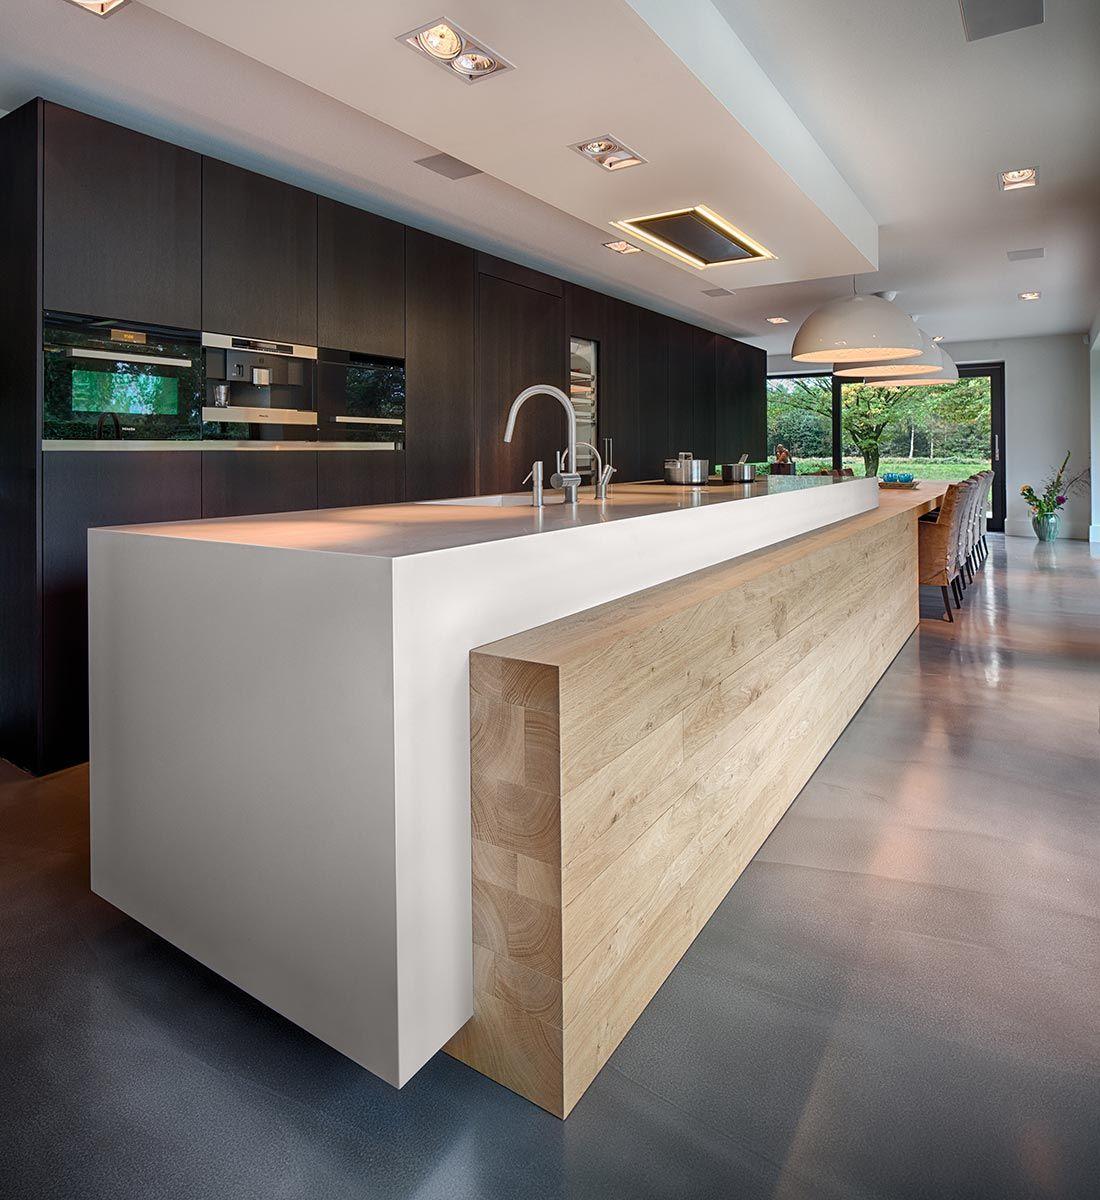 Woonhuis M by WillemsenU Architecten (18)   Modern Kitchen   Pinterest